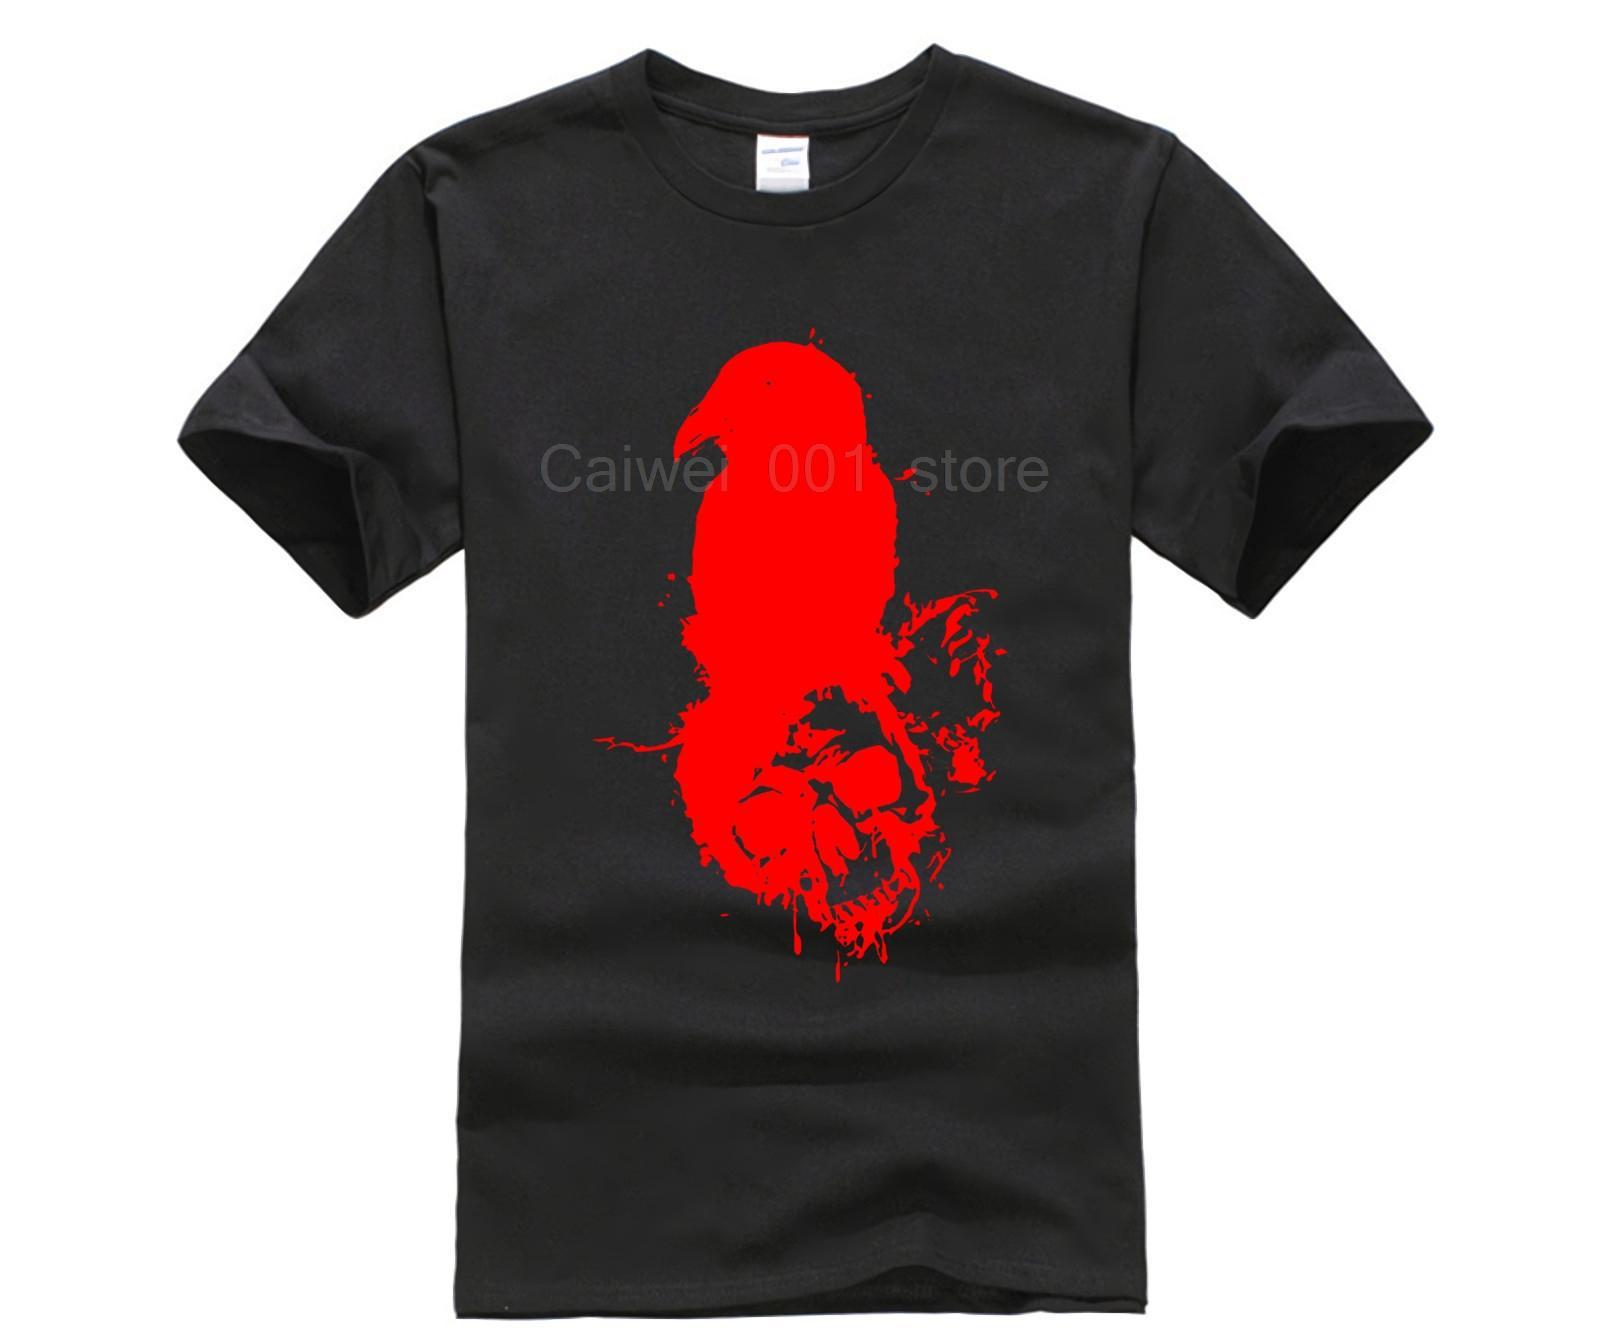 Erkekler Tişörtlü Karikatür Fun Yaz yeni kısa moda gençlik hip hop erkekler büyük beden Trendy Yaratıcı Grafik Tişörtlü En kollu